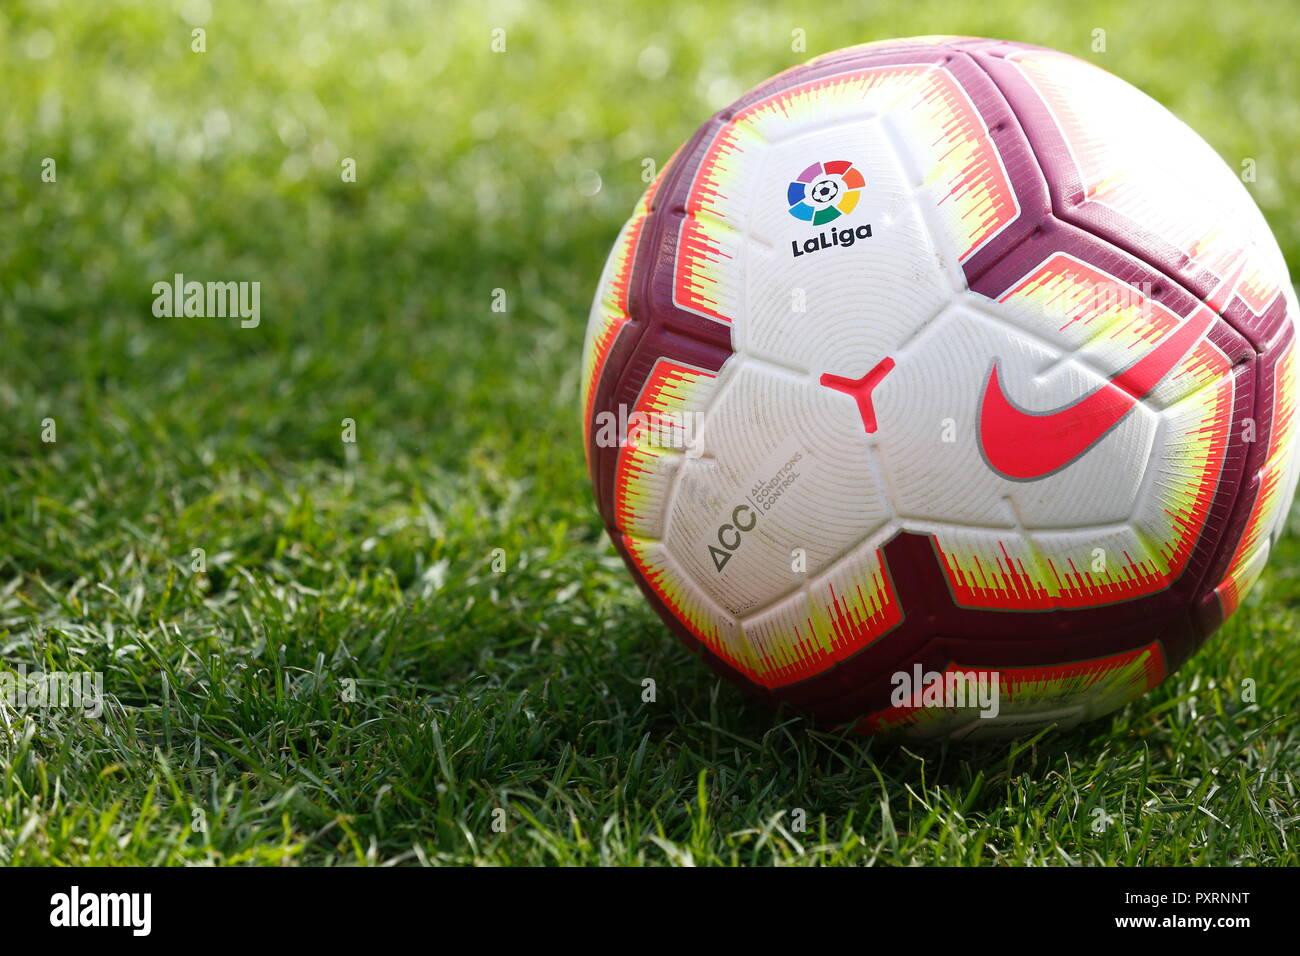 Vista general Football Soccer   balón oficial de español  La Liga Santander